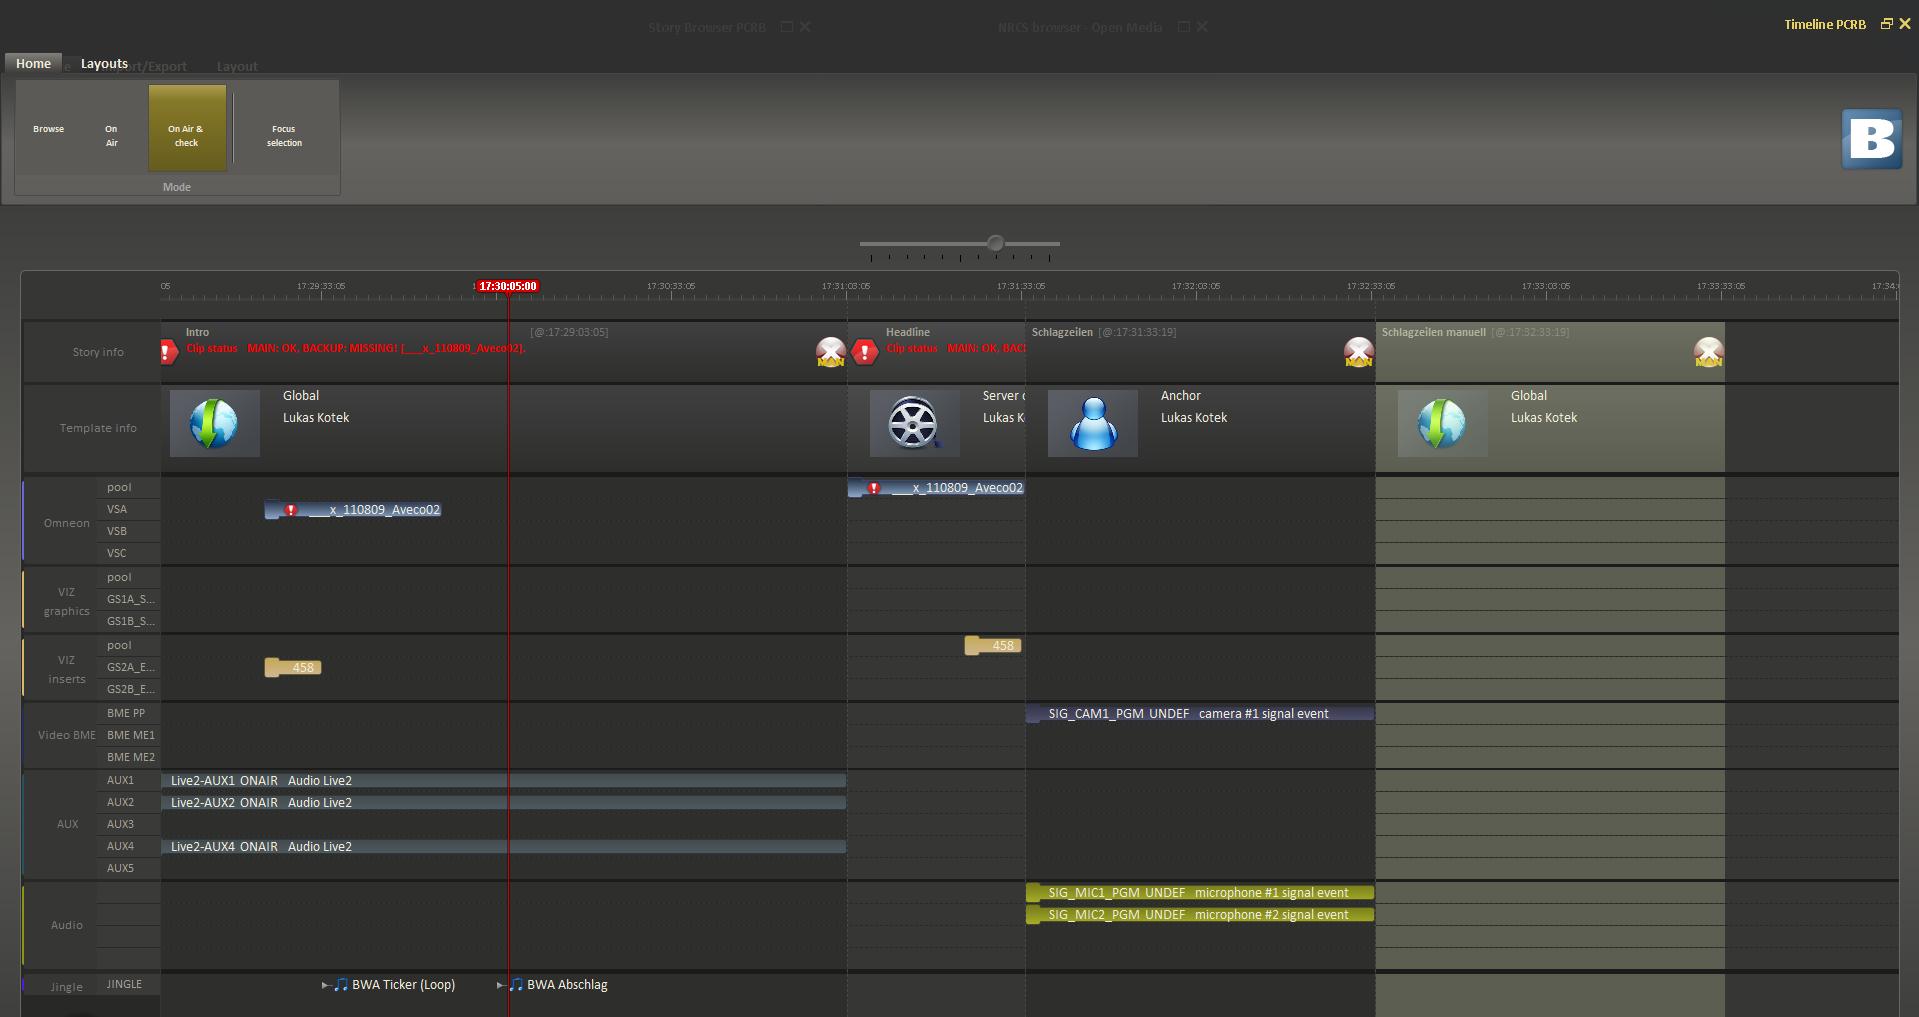 Studio_2_timeline_zoomout